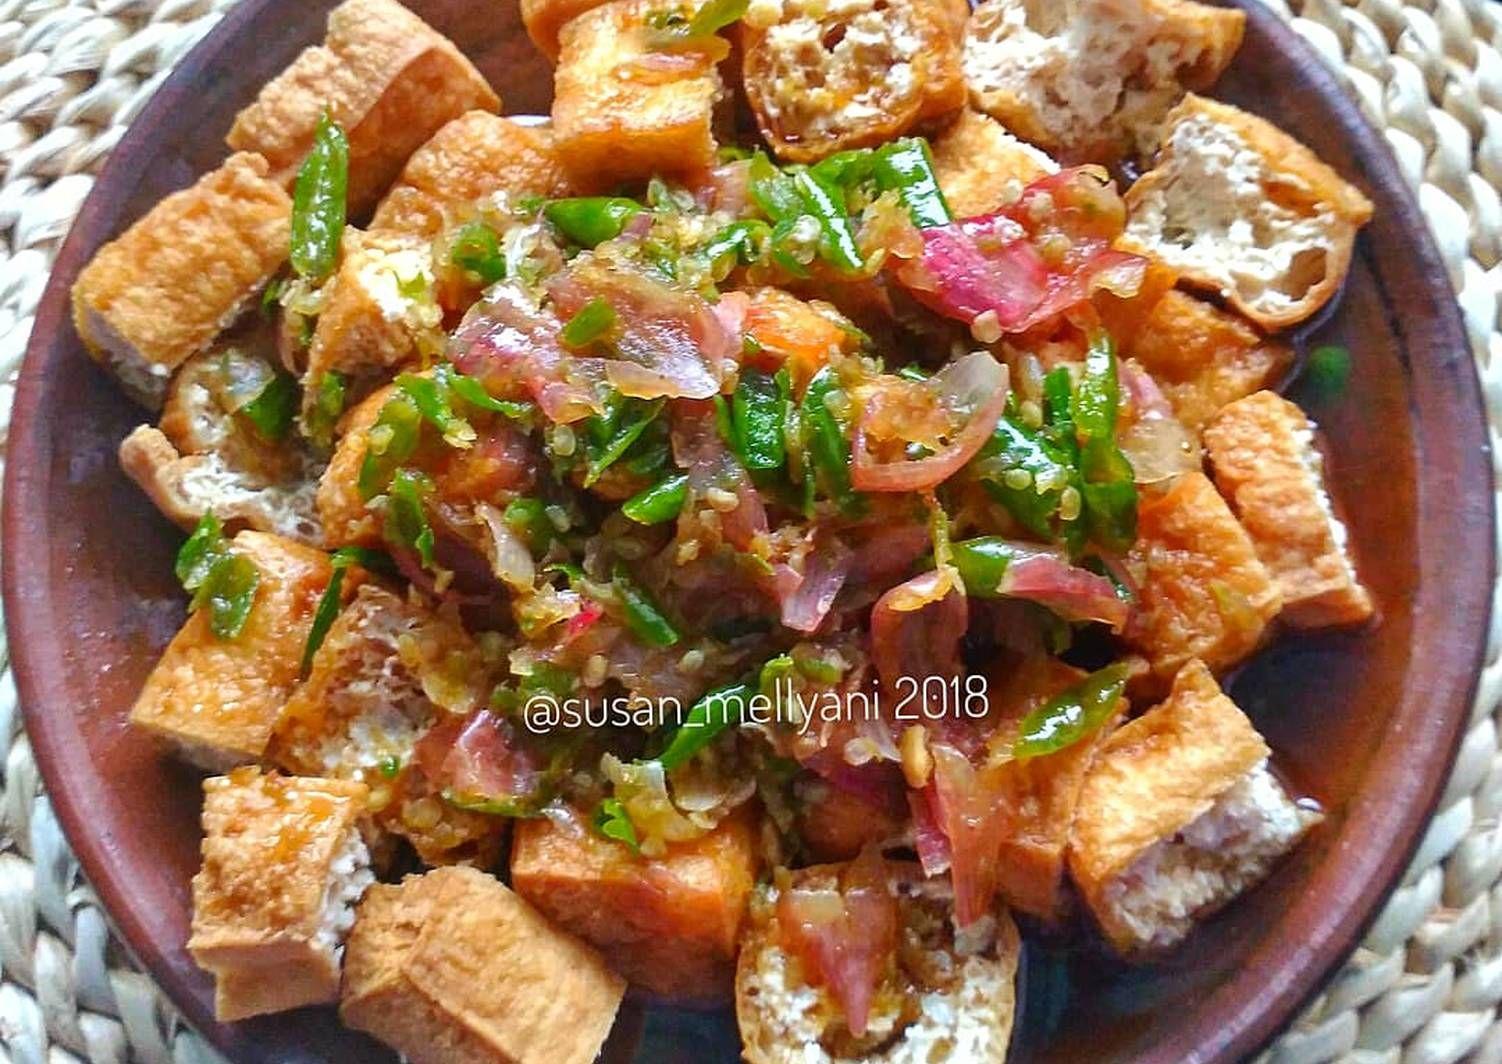 Resep Tahu Gejrot Oleh Susan Mellyani Resep Resep Tahu Resep Masakan Resep Vegetarian